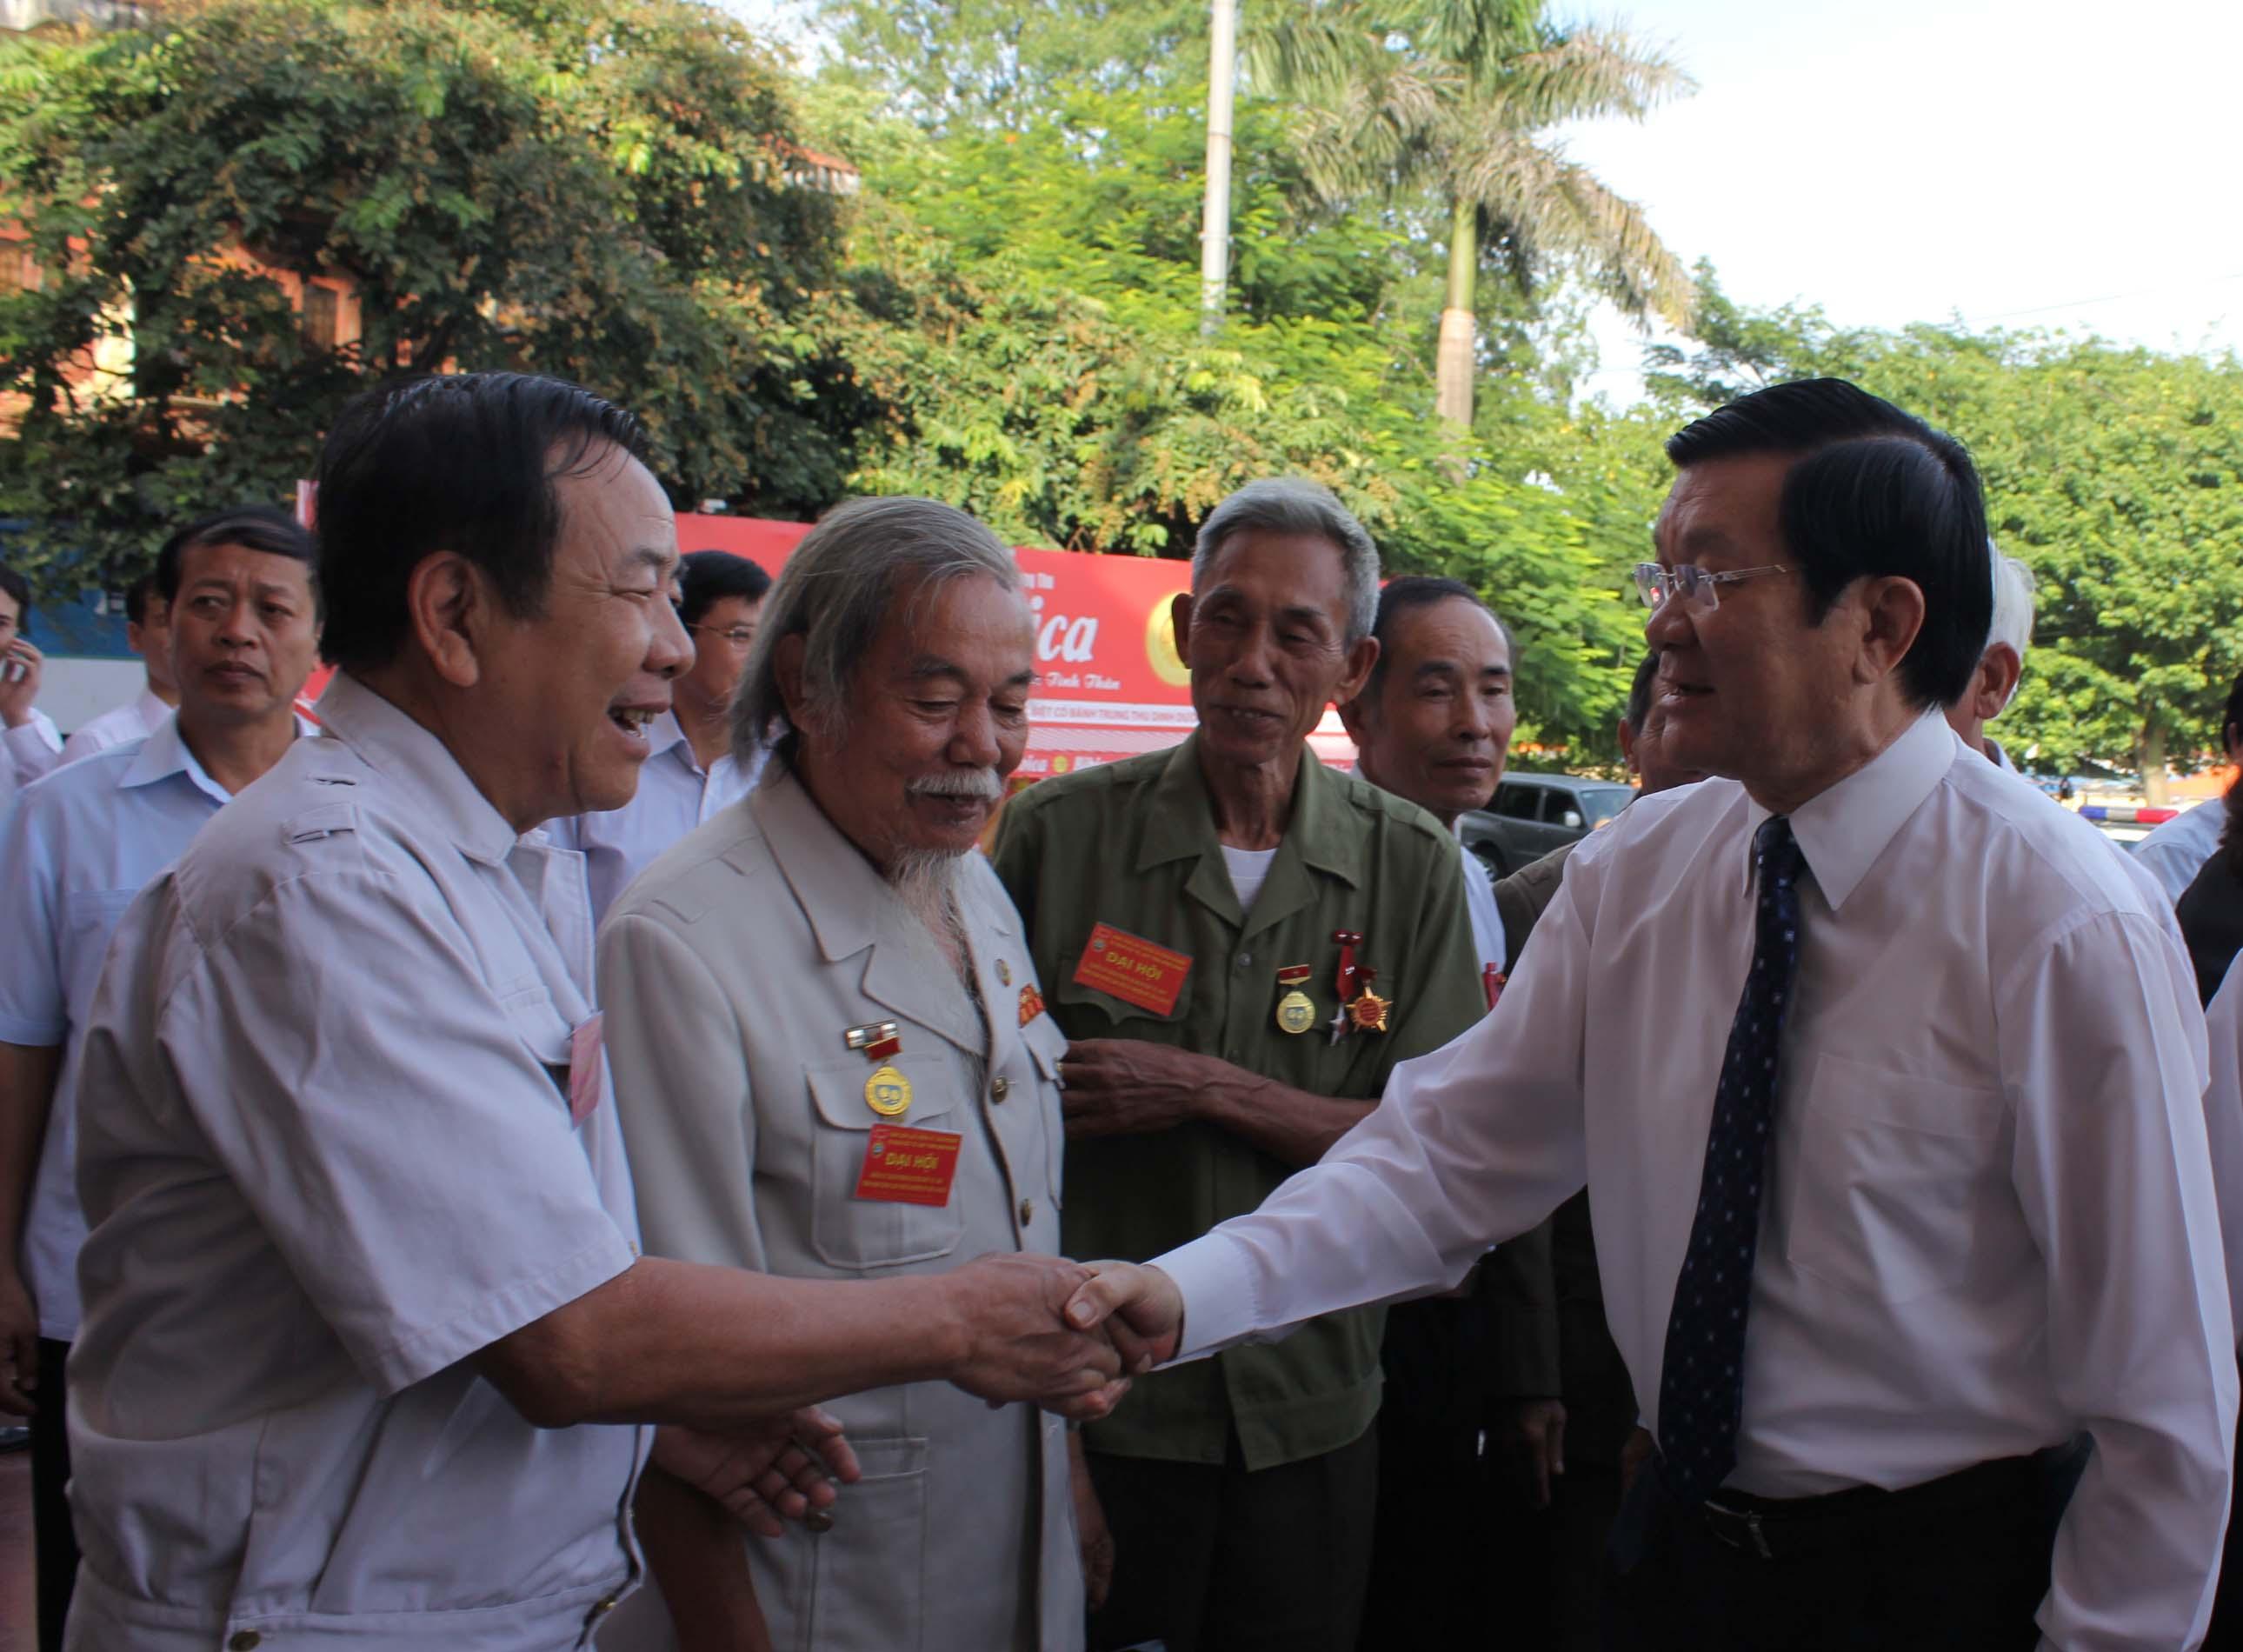 Thời sự trưa ngày 12/8/2014: Chủ tịch nước Trương Tấn Sang dự Đại hội chiến sỹ cách mạng bị địch bắt tù đày tỉnh Ninh Bình